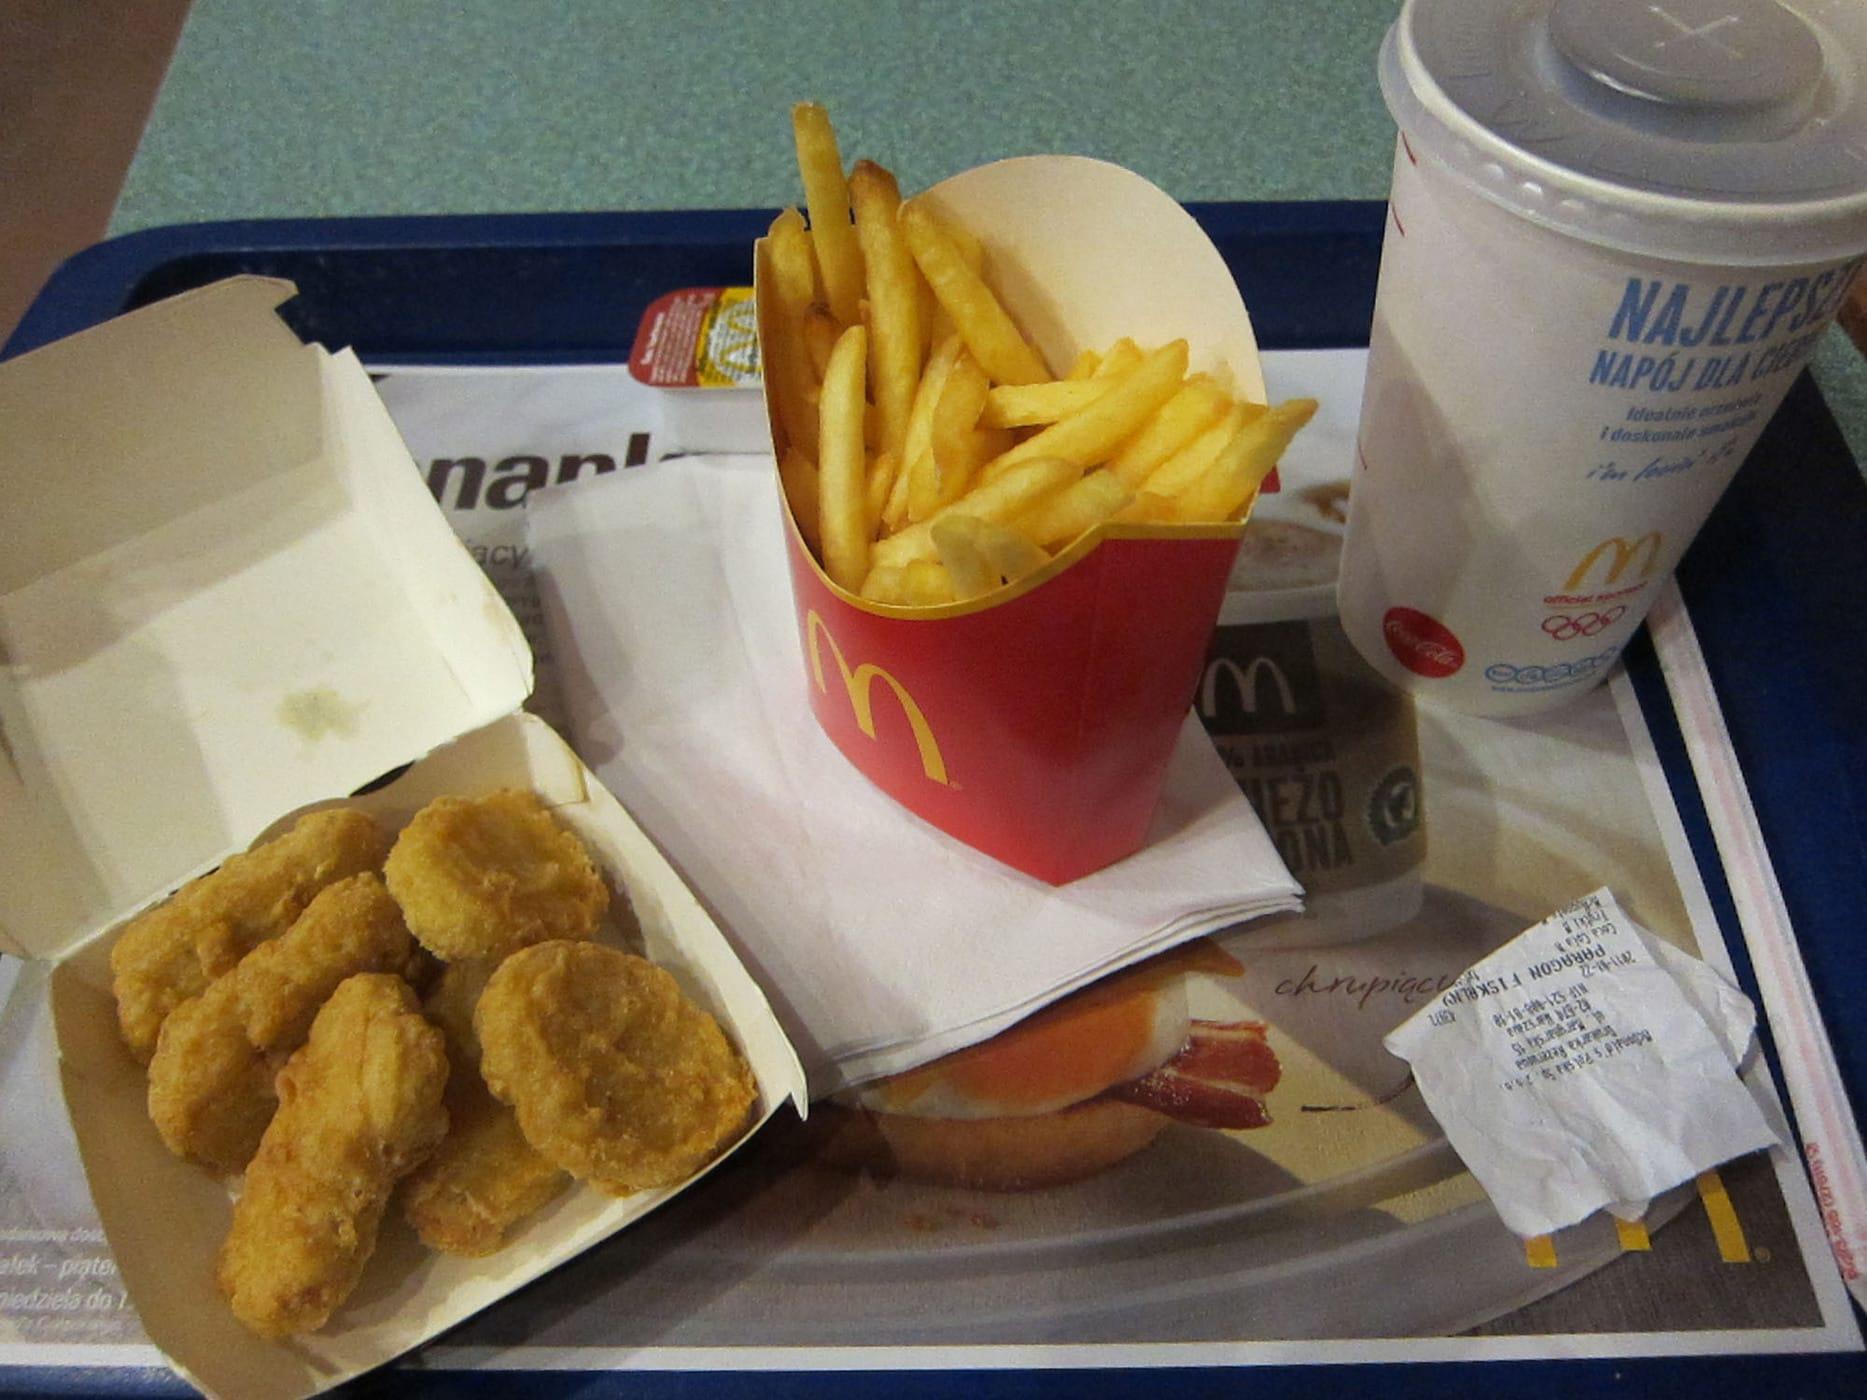 McDonalds in Krakow, Poland.